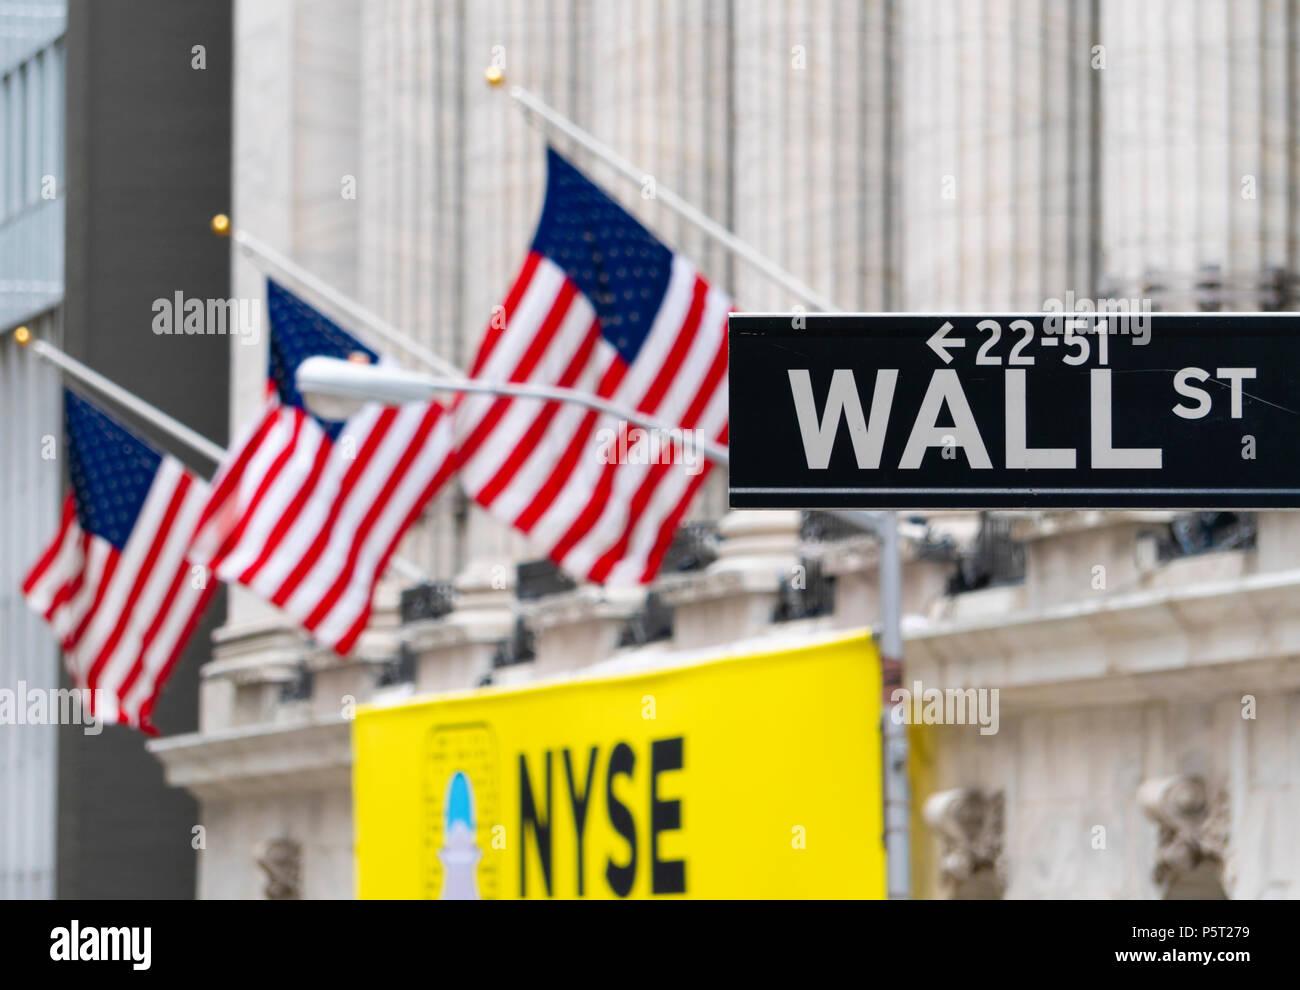 Wall Street Schild in der Nähe der New York Stock Exchange Stockbild